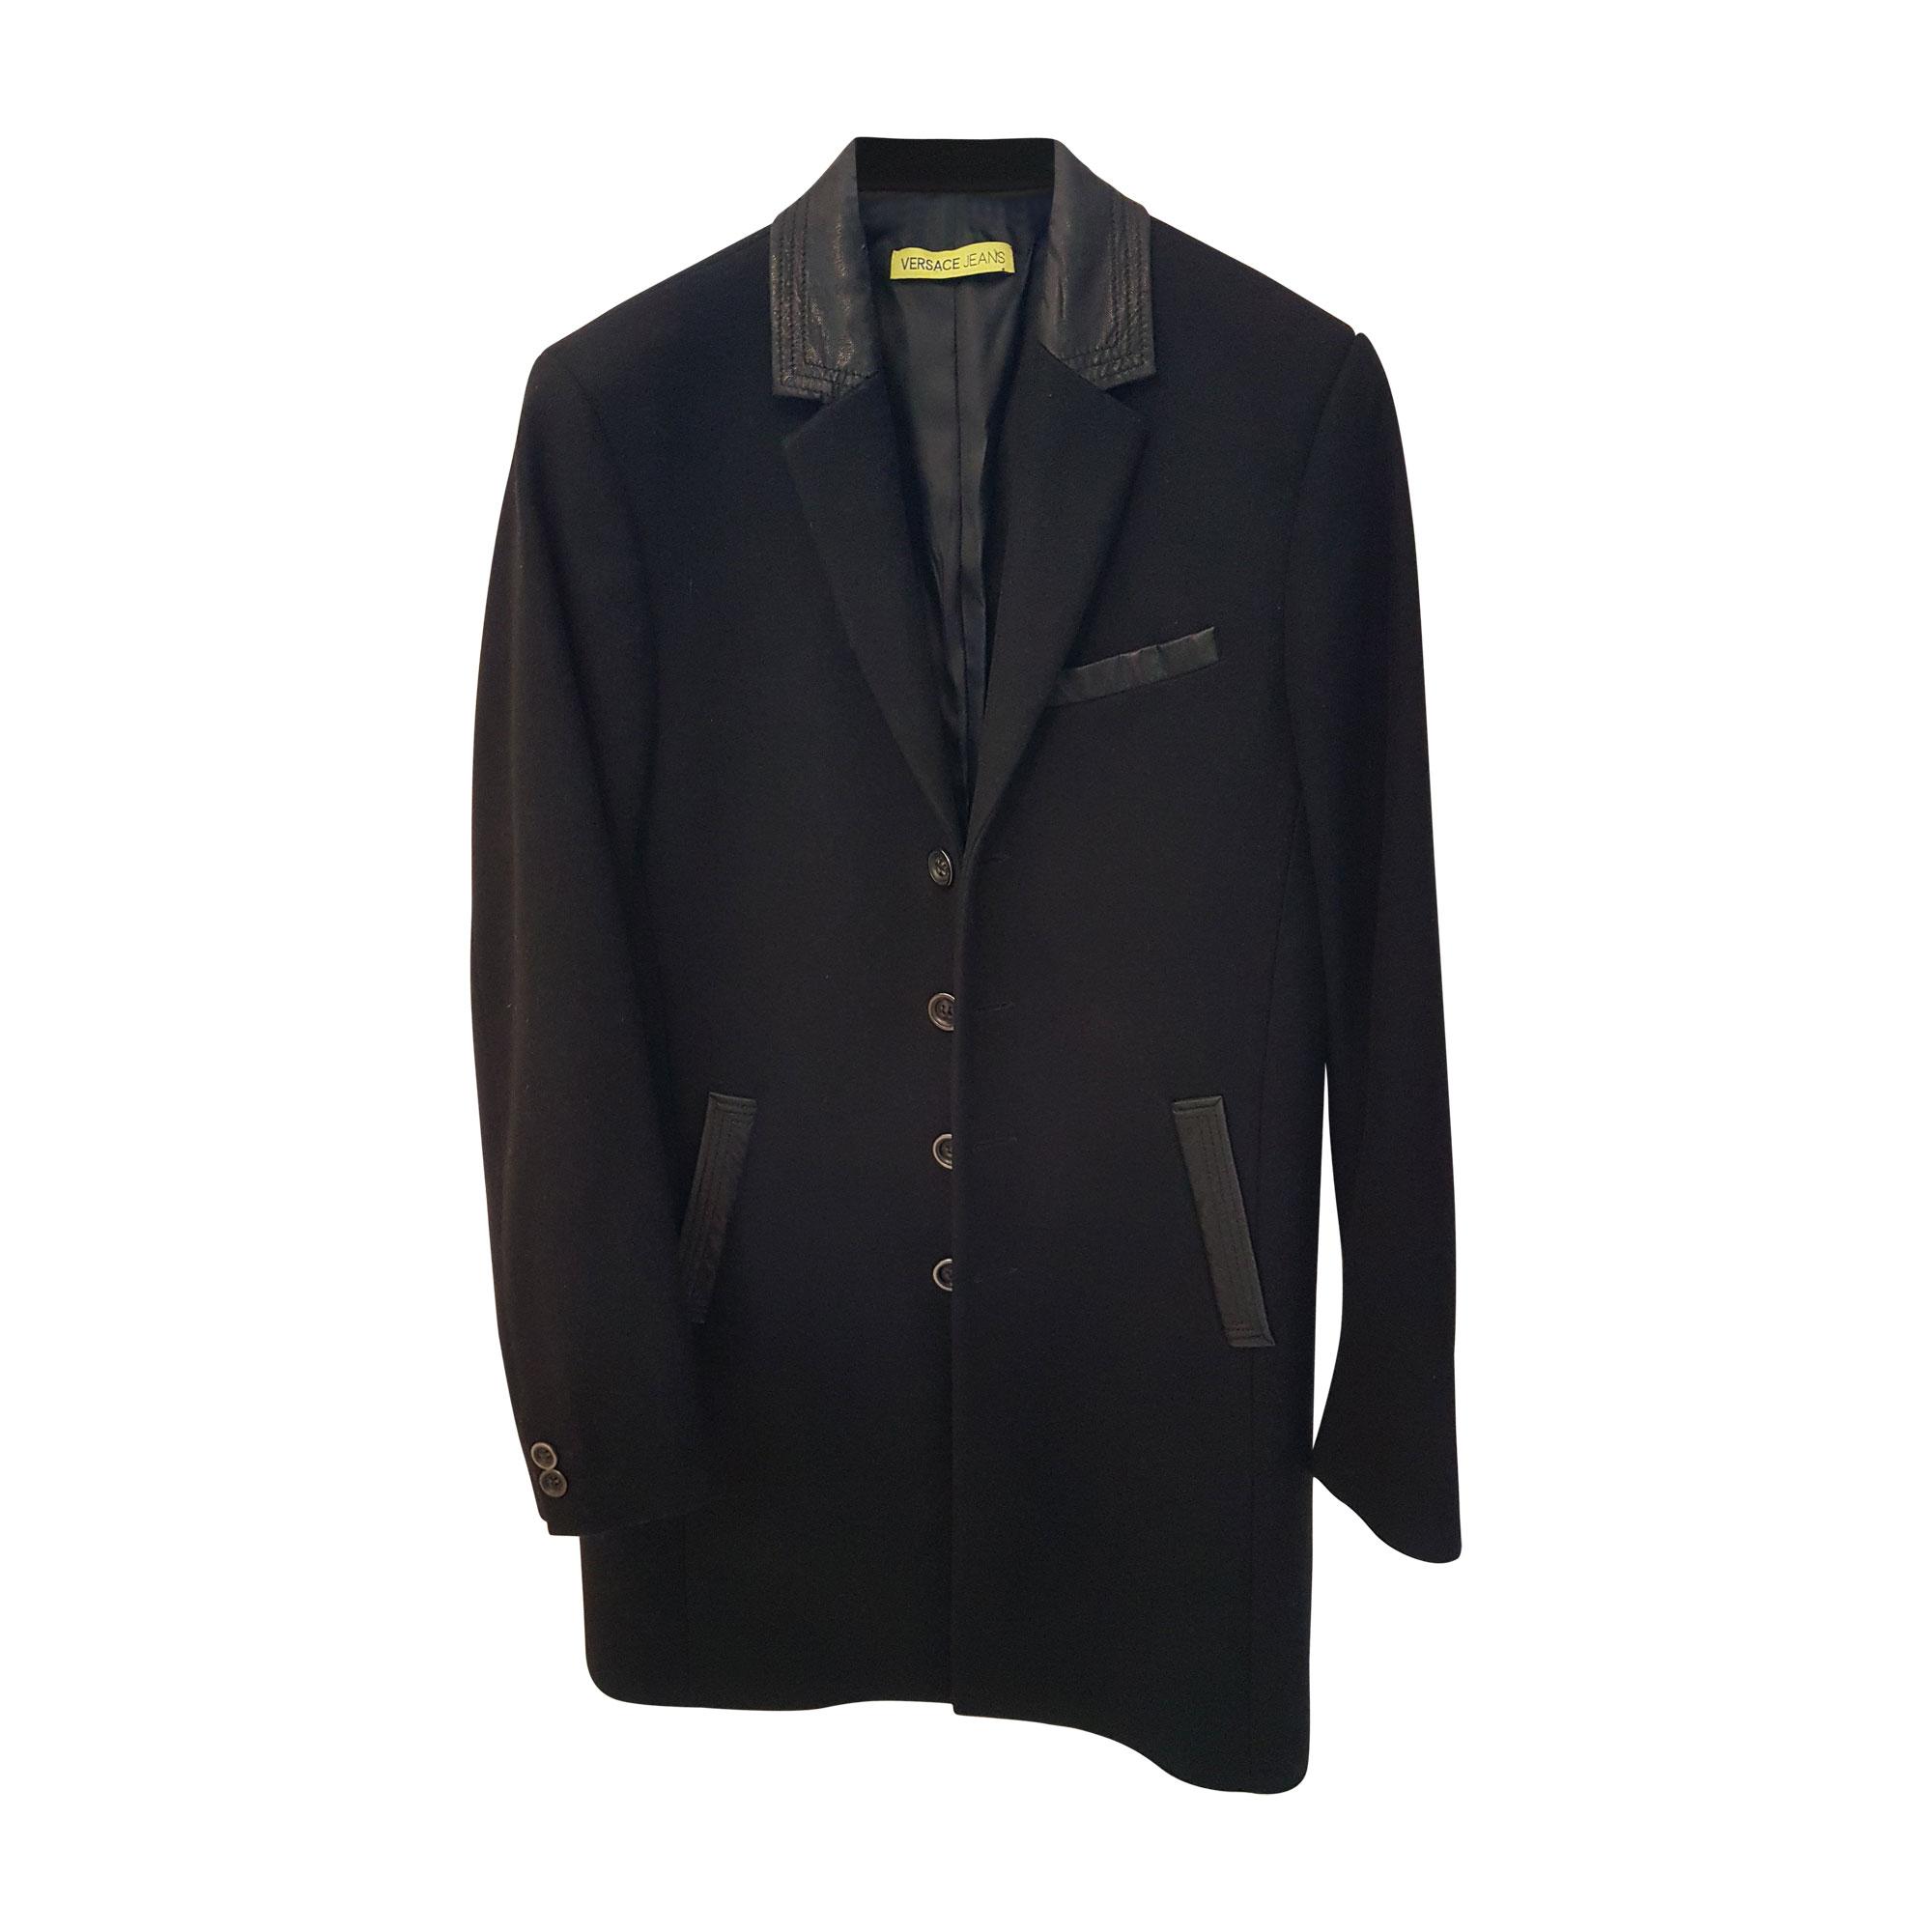 Manteau VERSACE 48 (M) noir vendu par Nives116275 - 7444137 e5cd7d4a00e